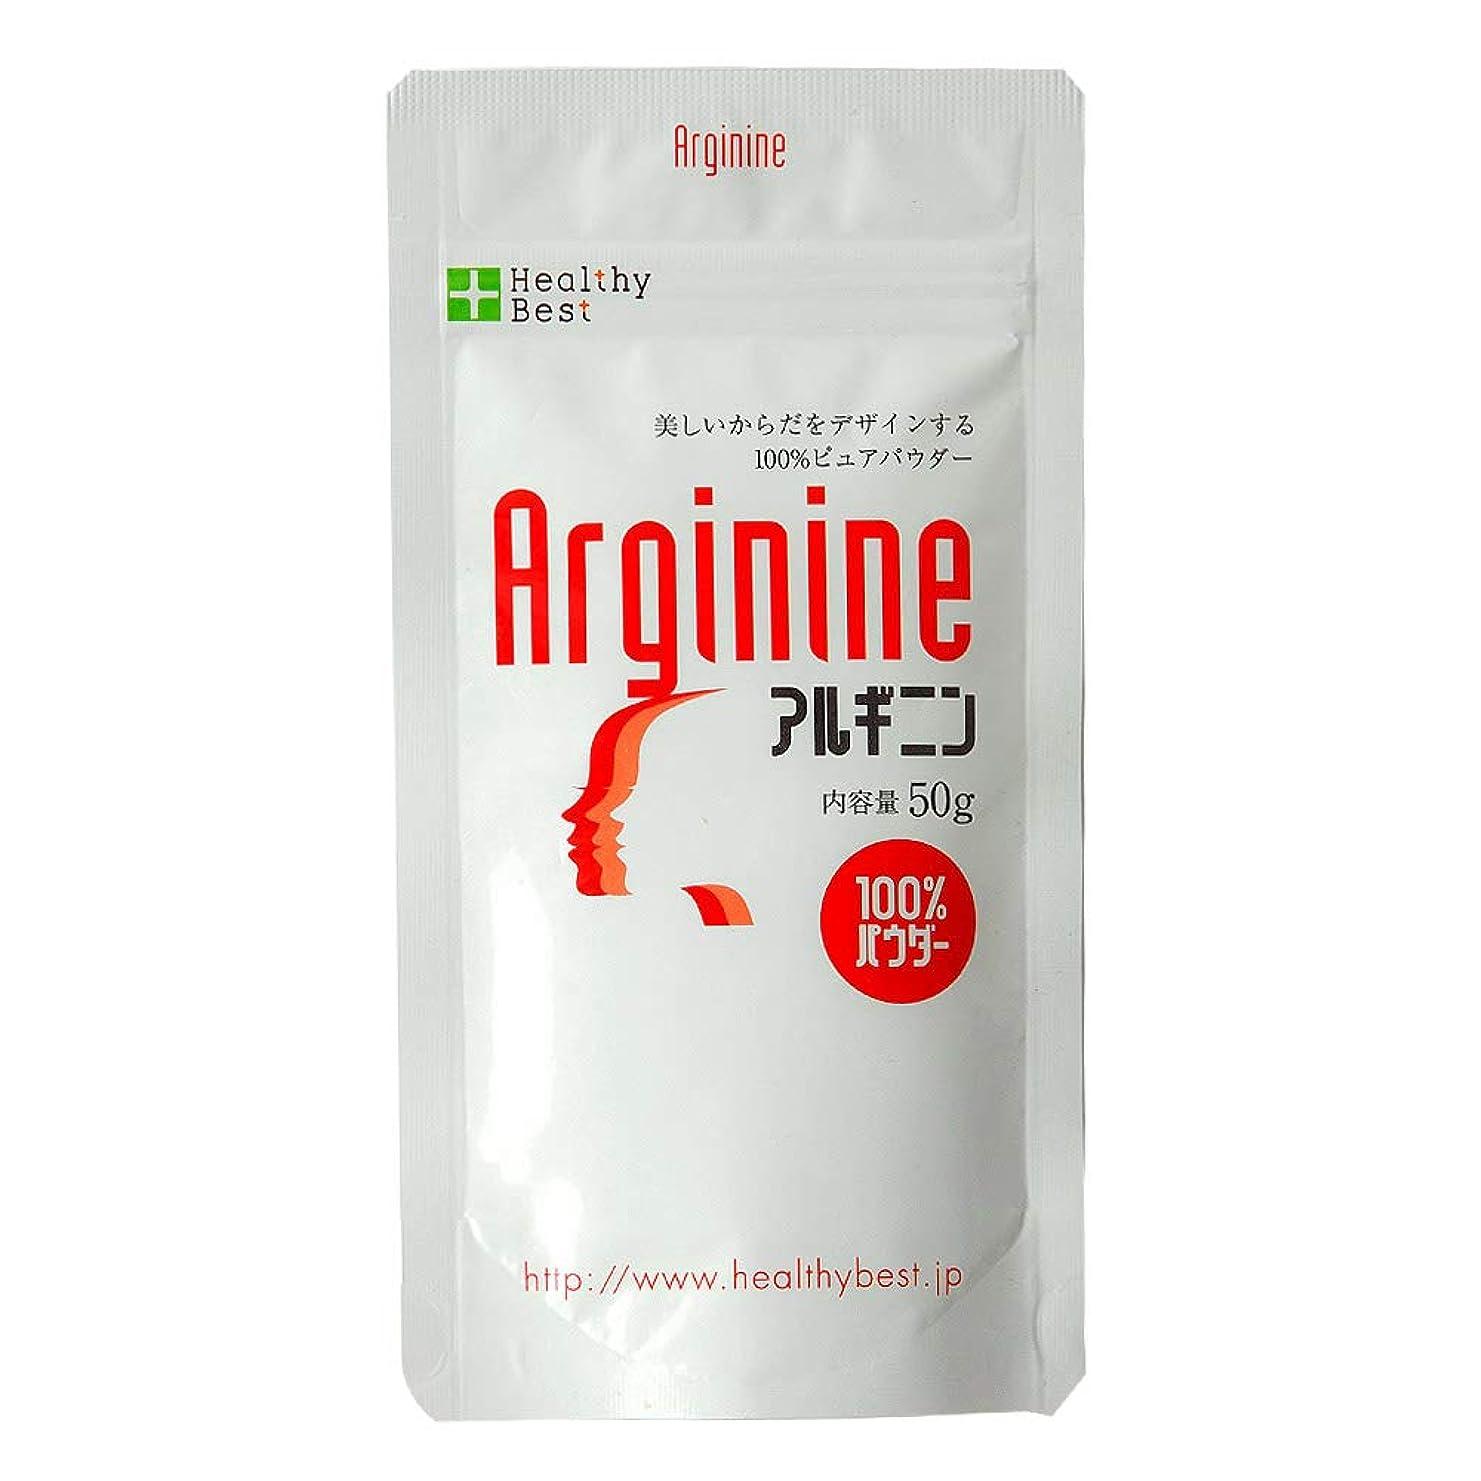 パケット翻訳する意識的Lアルギニン 100% 粉末 ピュアパウダー 50g / L-アルギニン 国内製造 アルギニン100%